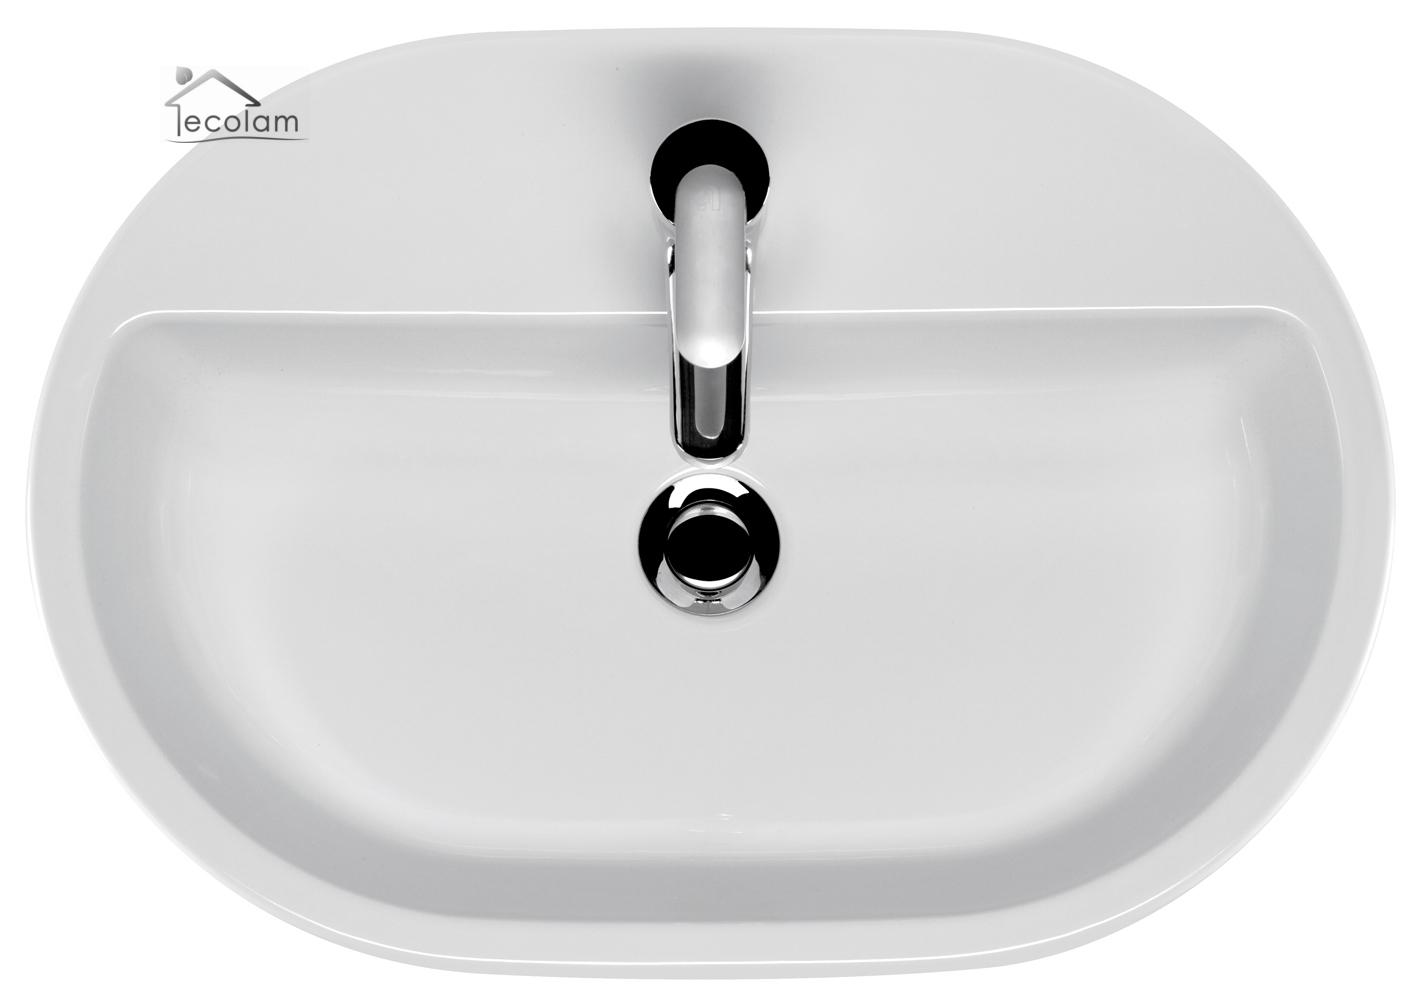 aufsatzwaschbecken 60 x 42 cm waschtisch waschbecken wei aufsatzwaschtisch oval ebay. Black Bedroom Furniture Sets. Home Design Ideas